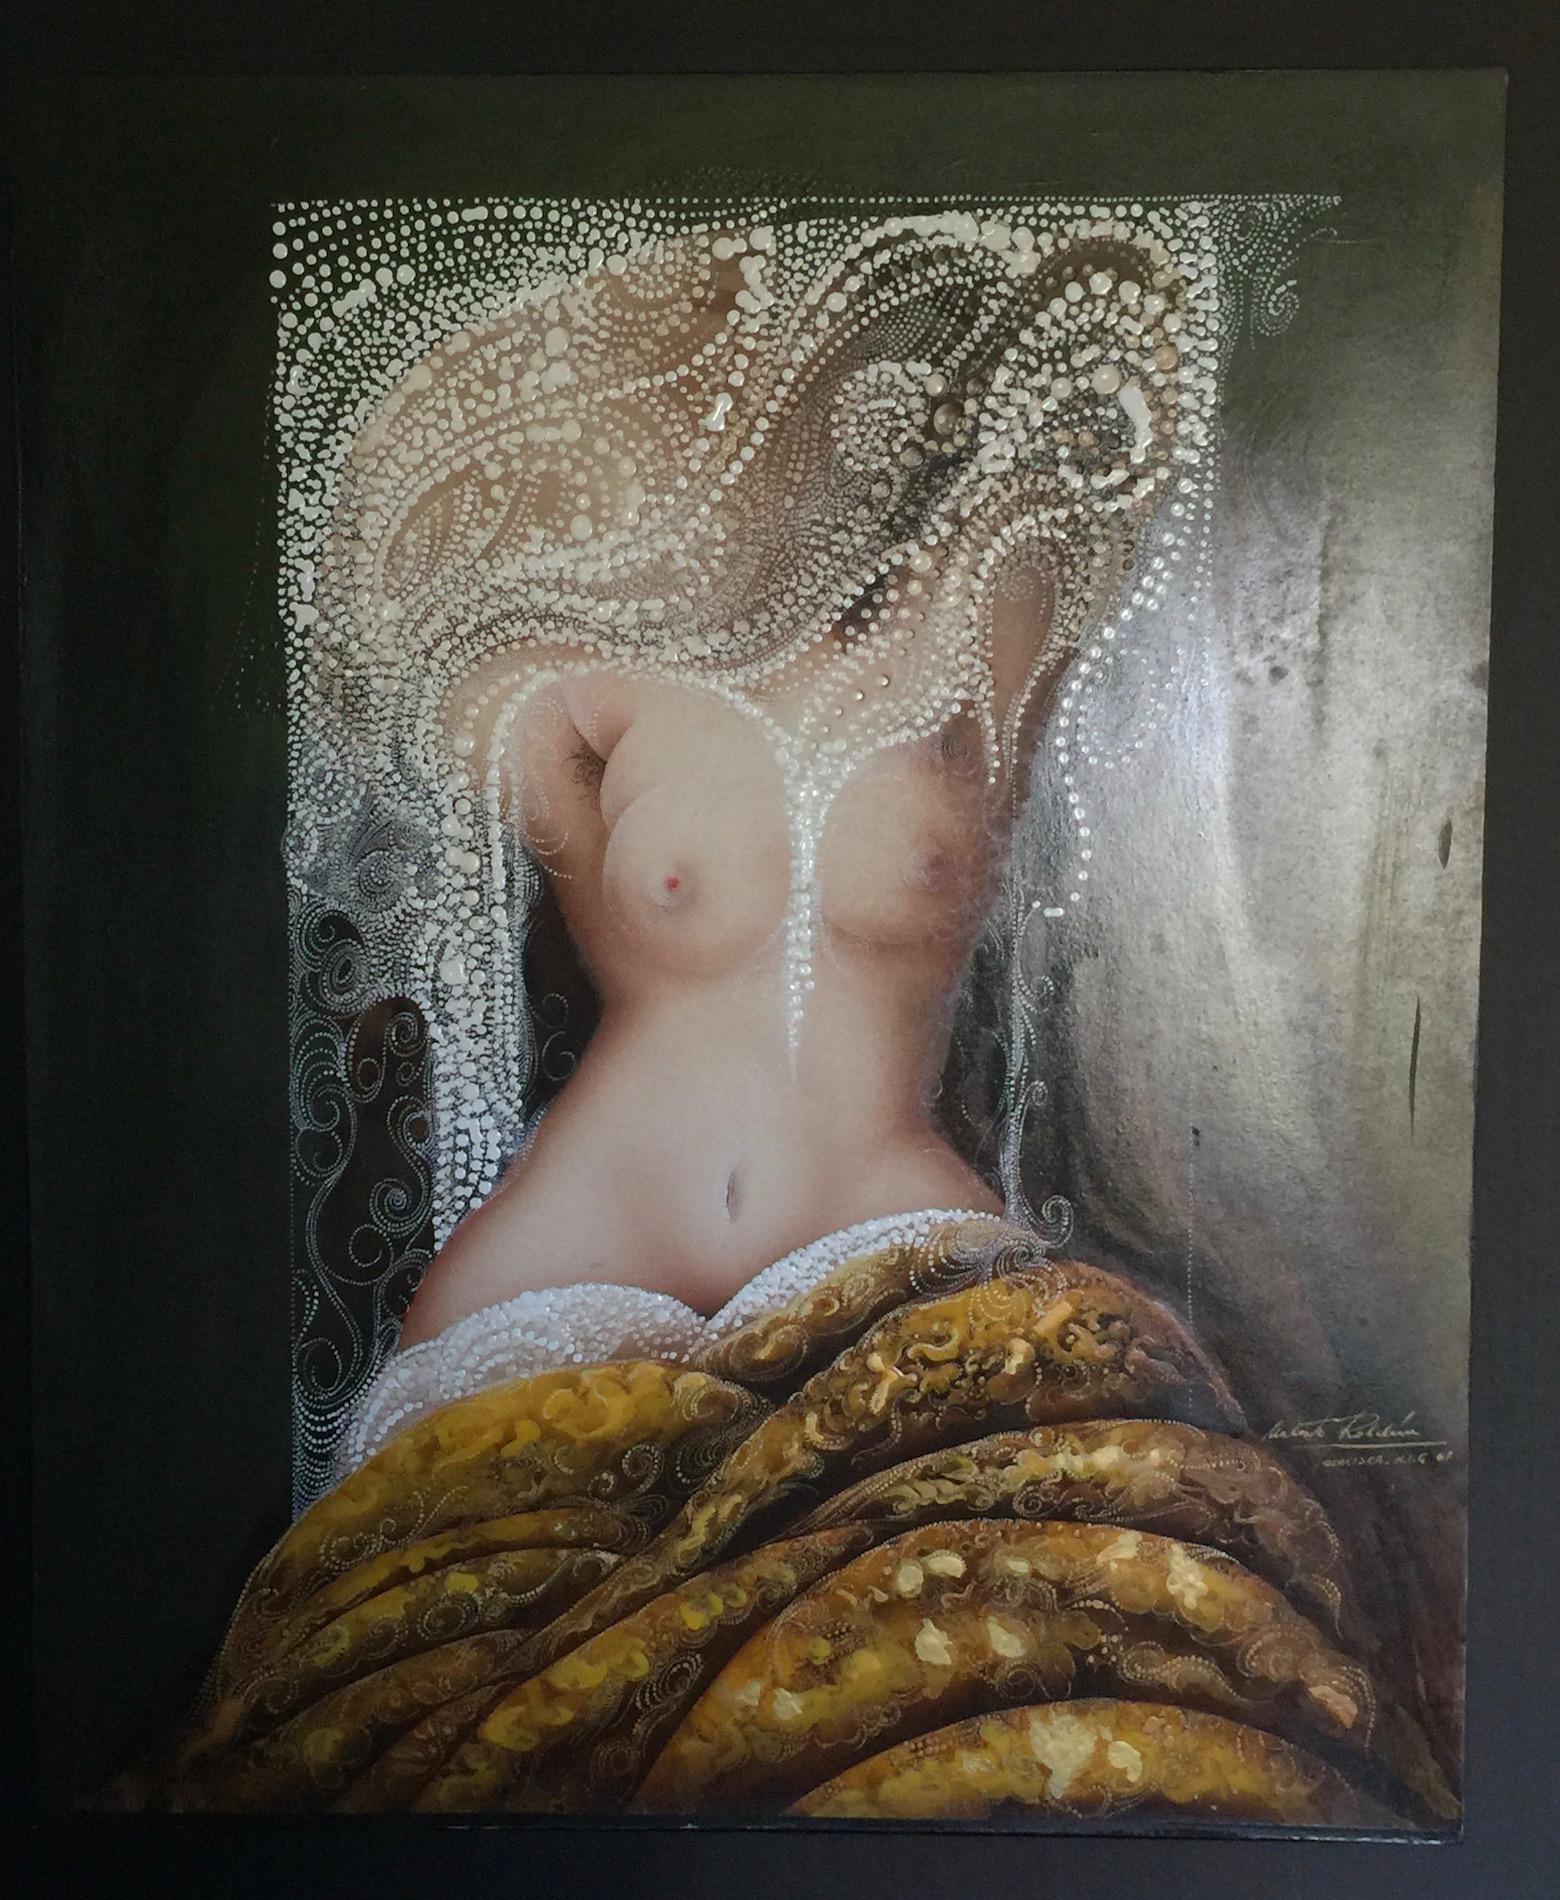 ODALISCA (2001) - Modesto Roldán